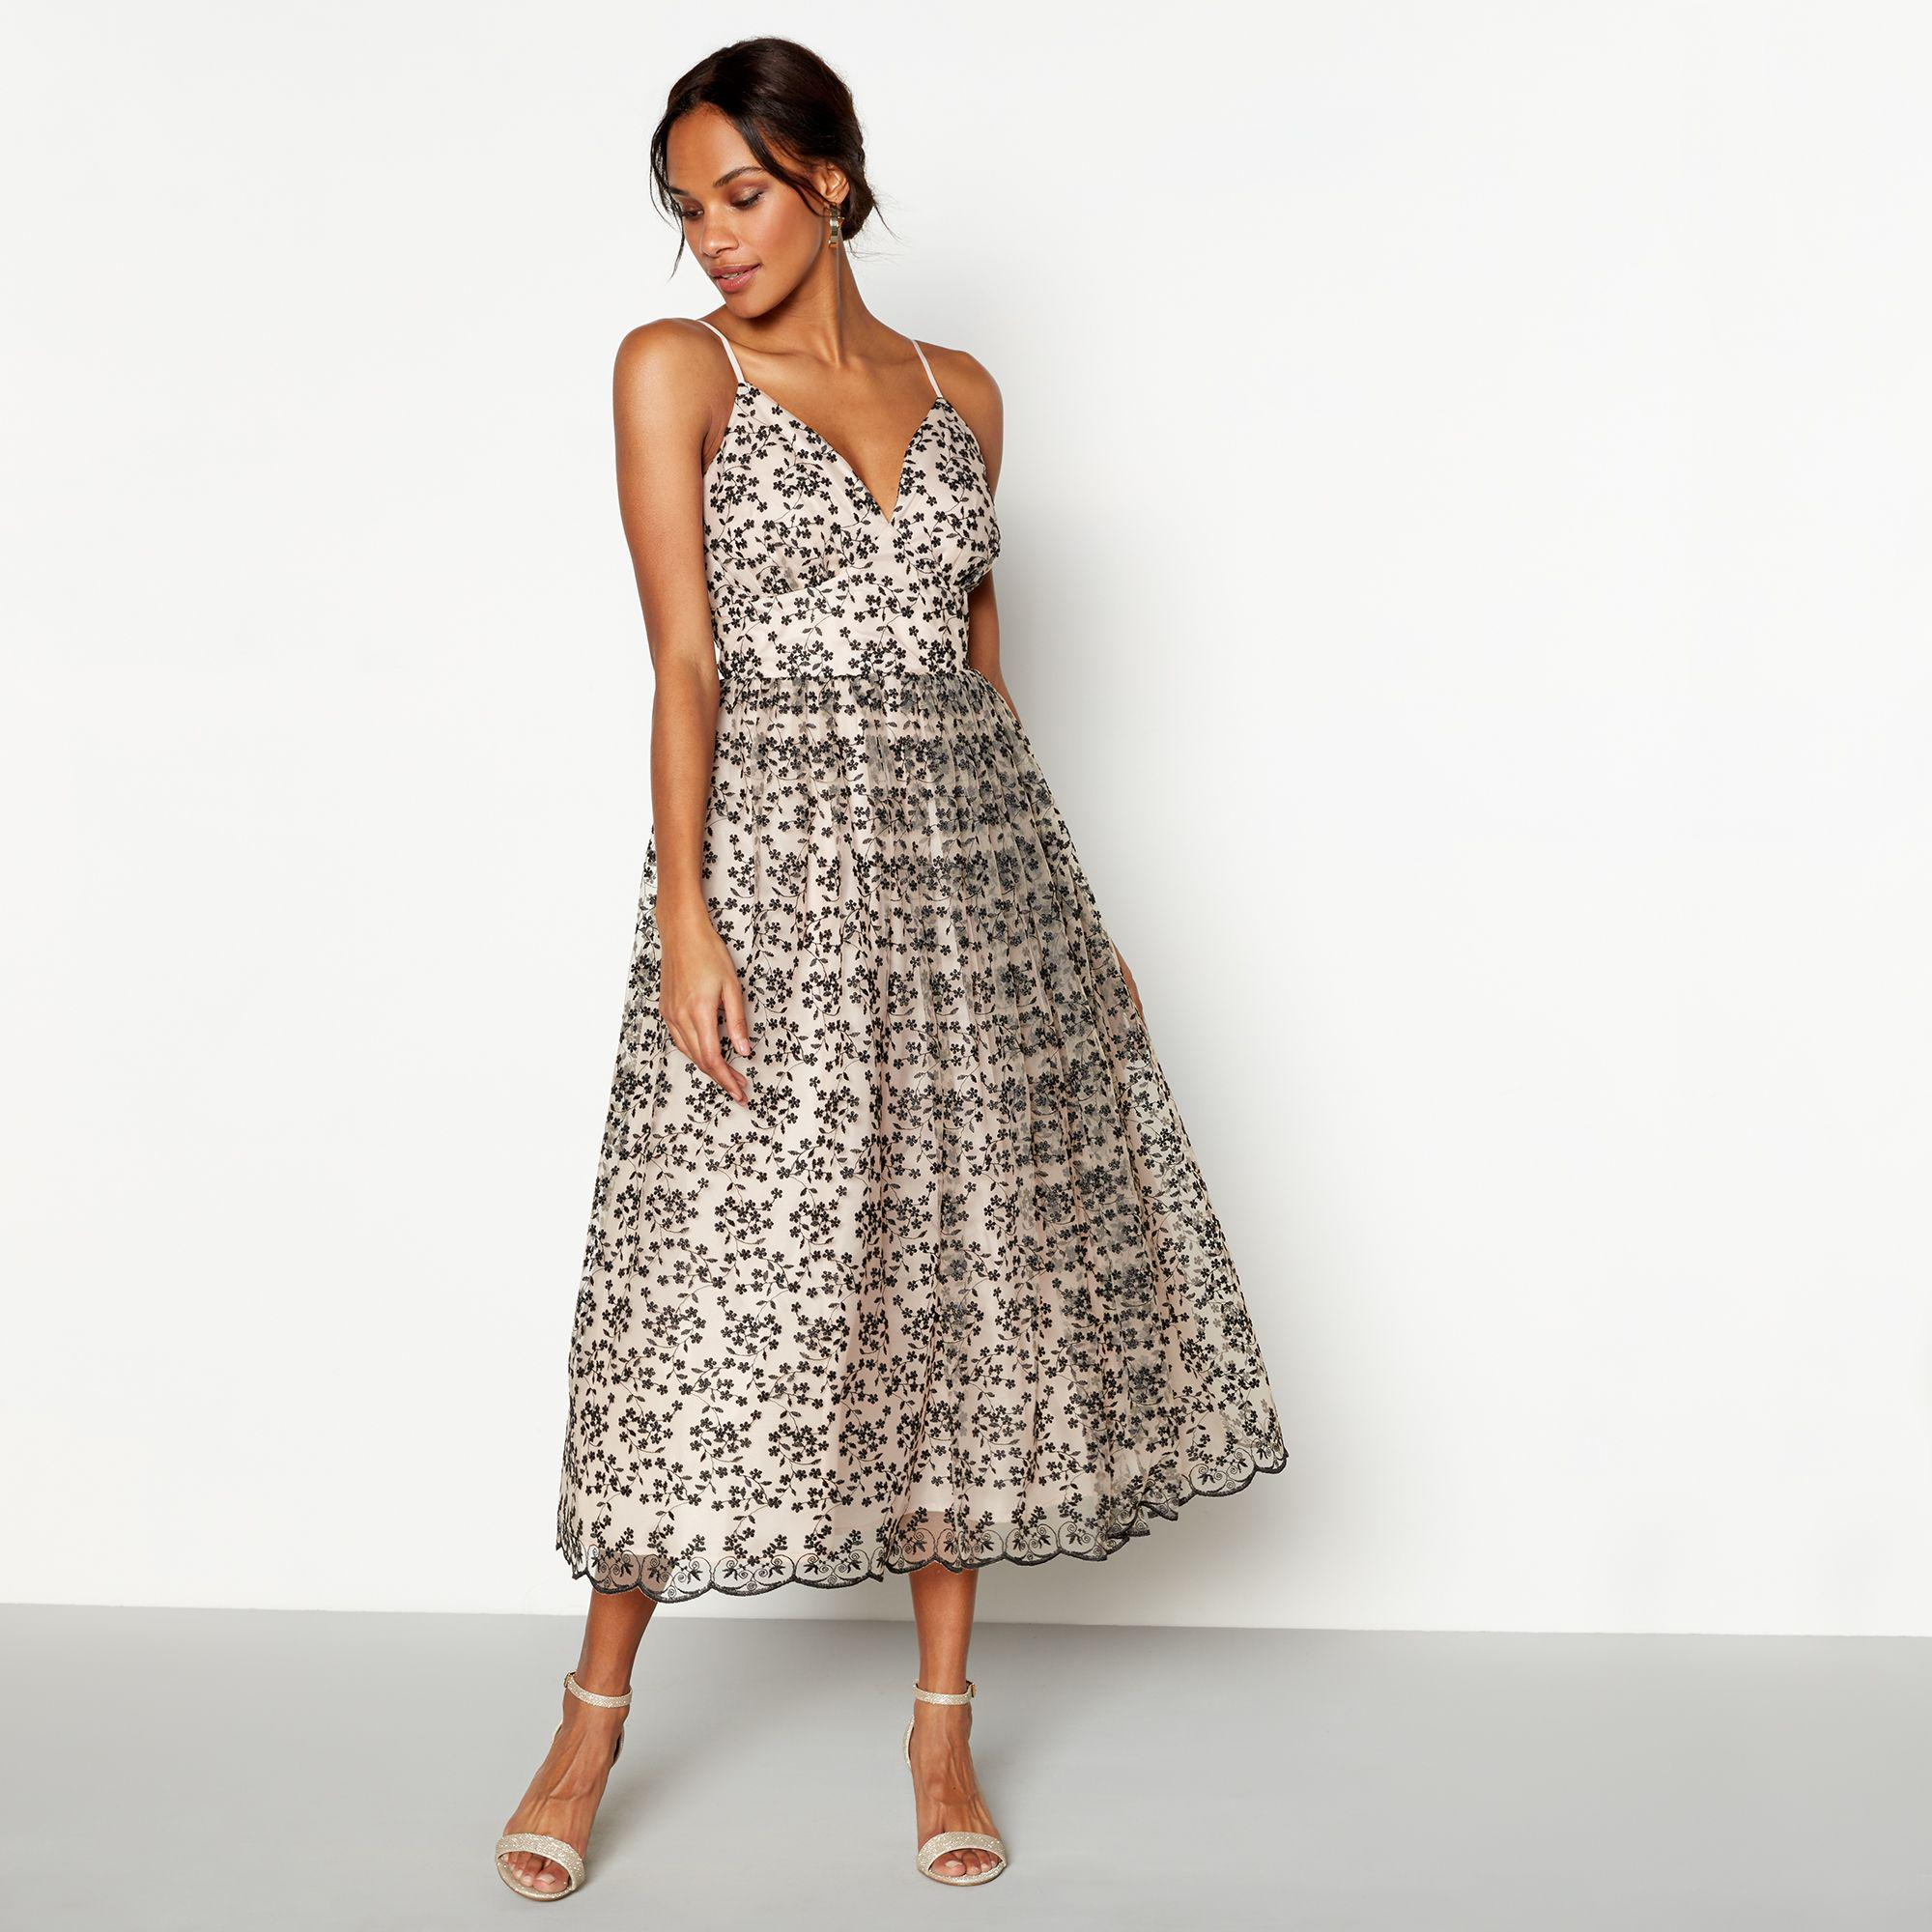 Wunderbar Junioren Prom Kleider Galerie - Hochzeit Kleid Stile Ideen ...